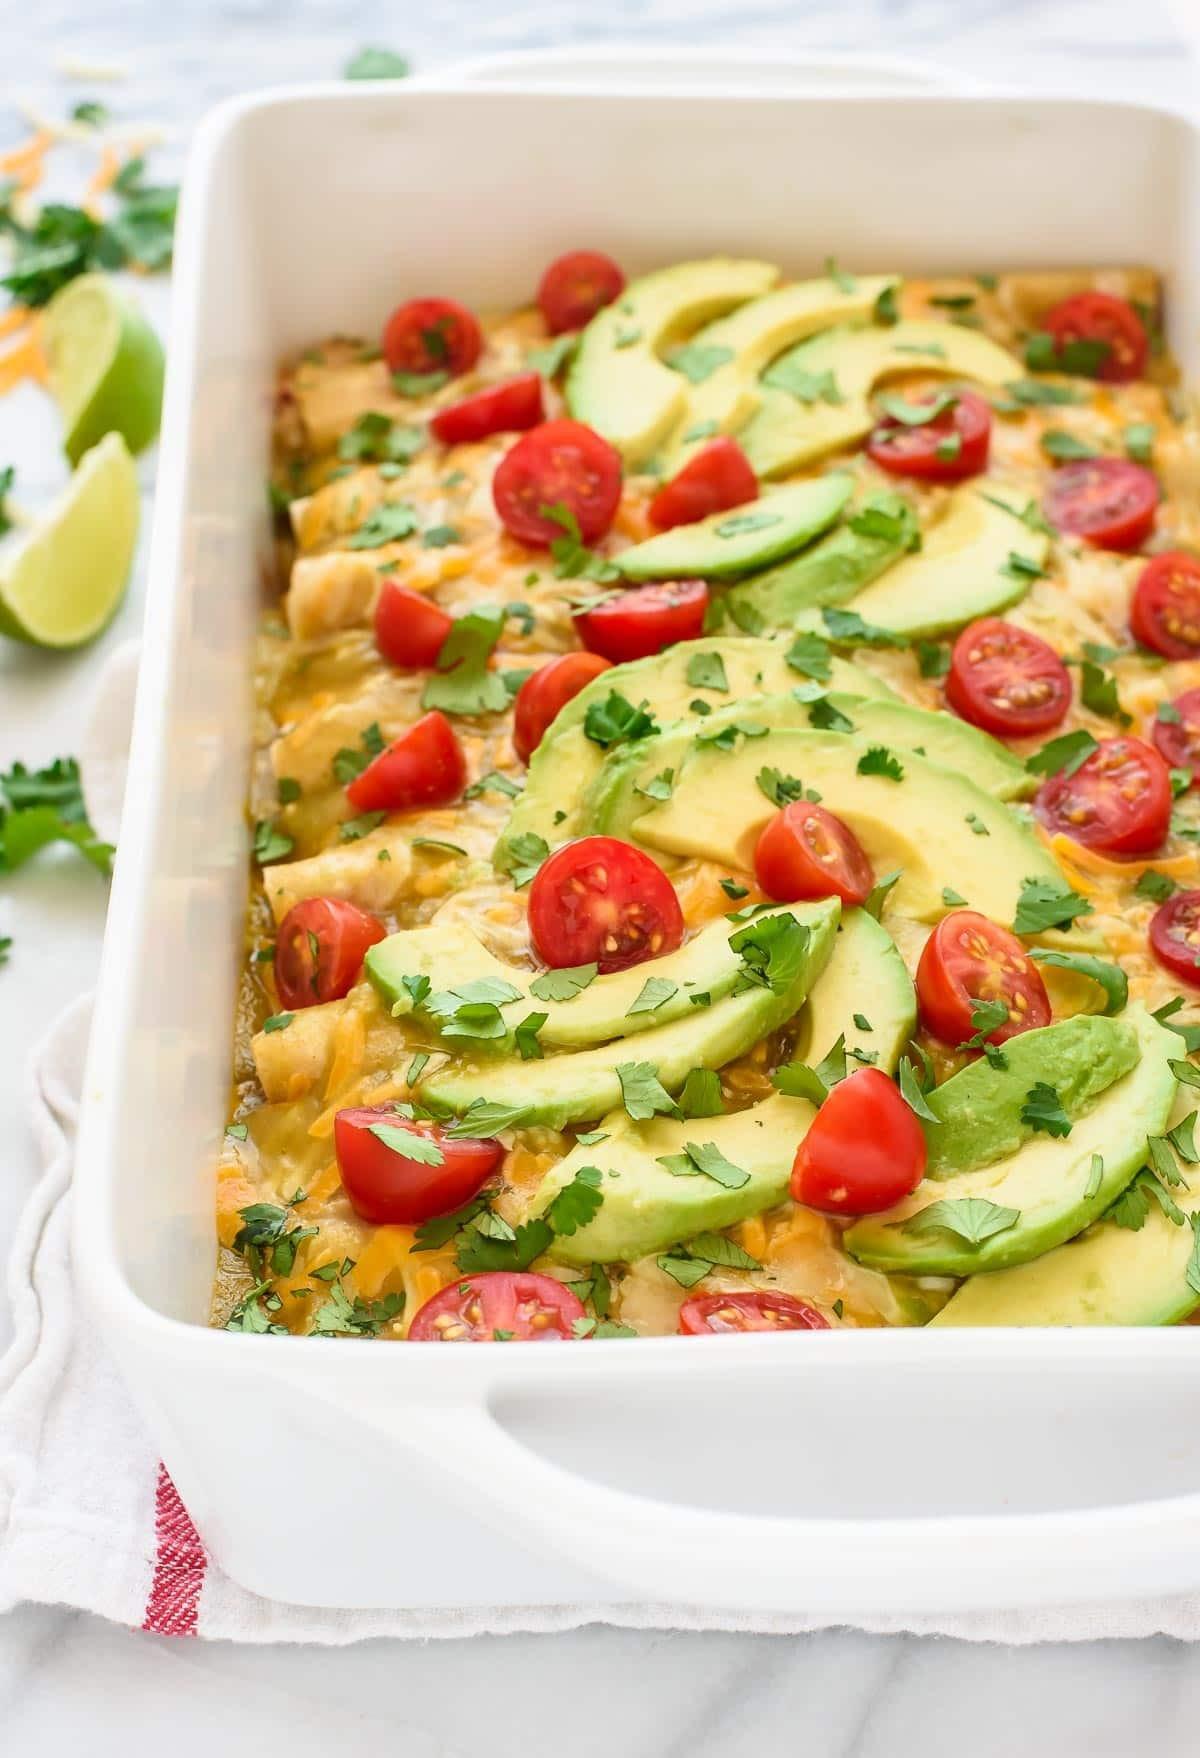 Easy Healthy Chicken Enchiladas  Green Chile Chicken Enchiladas